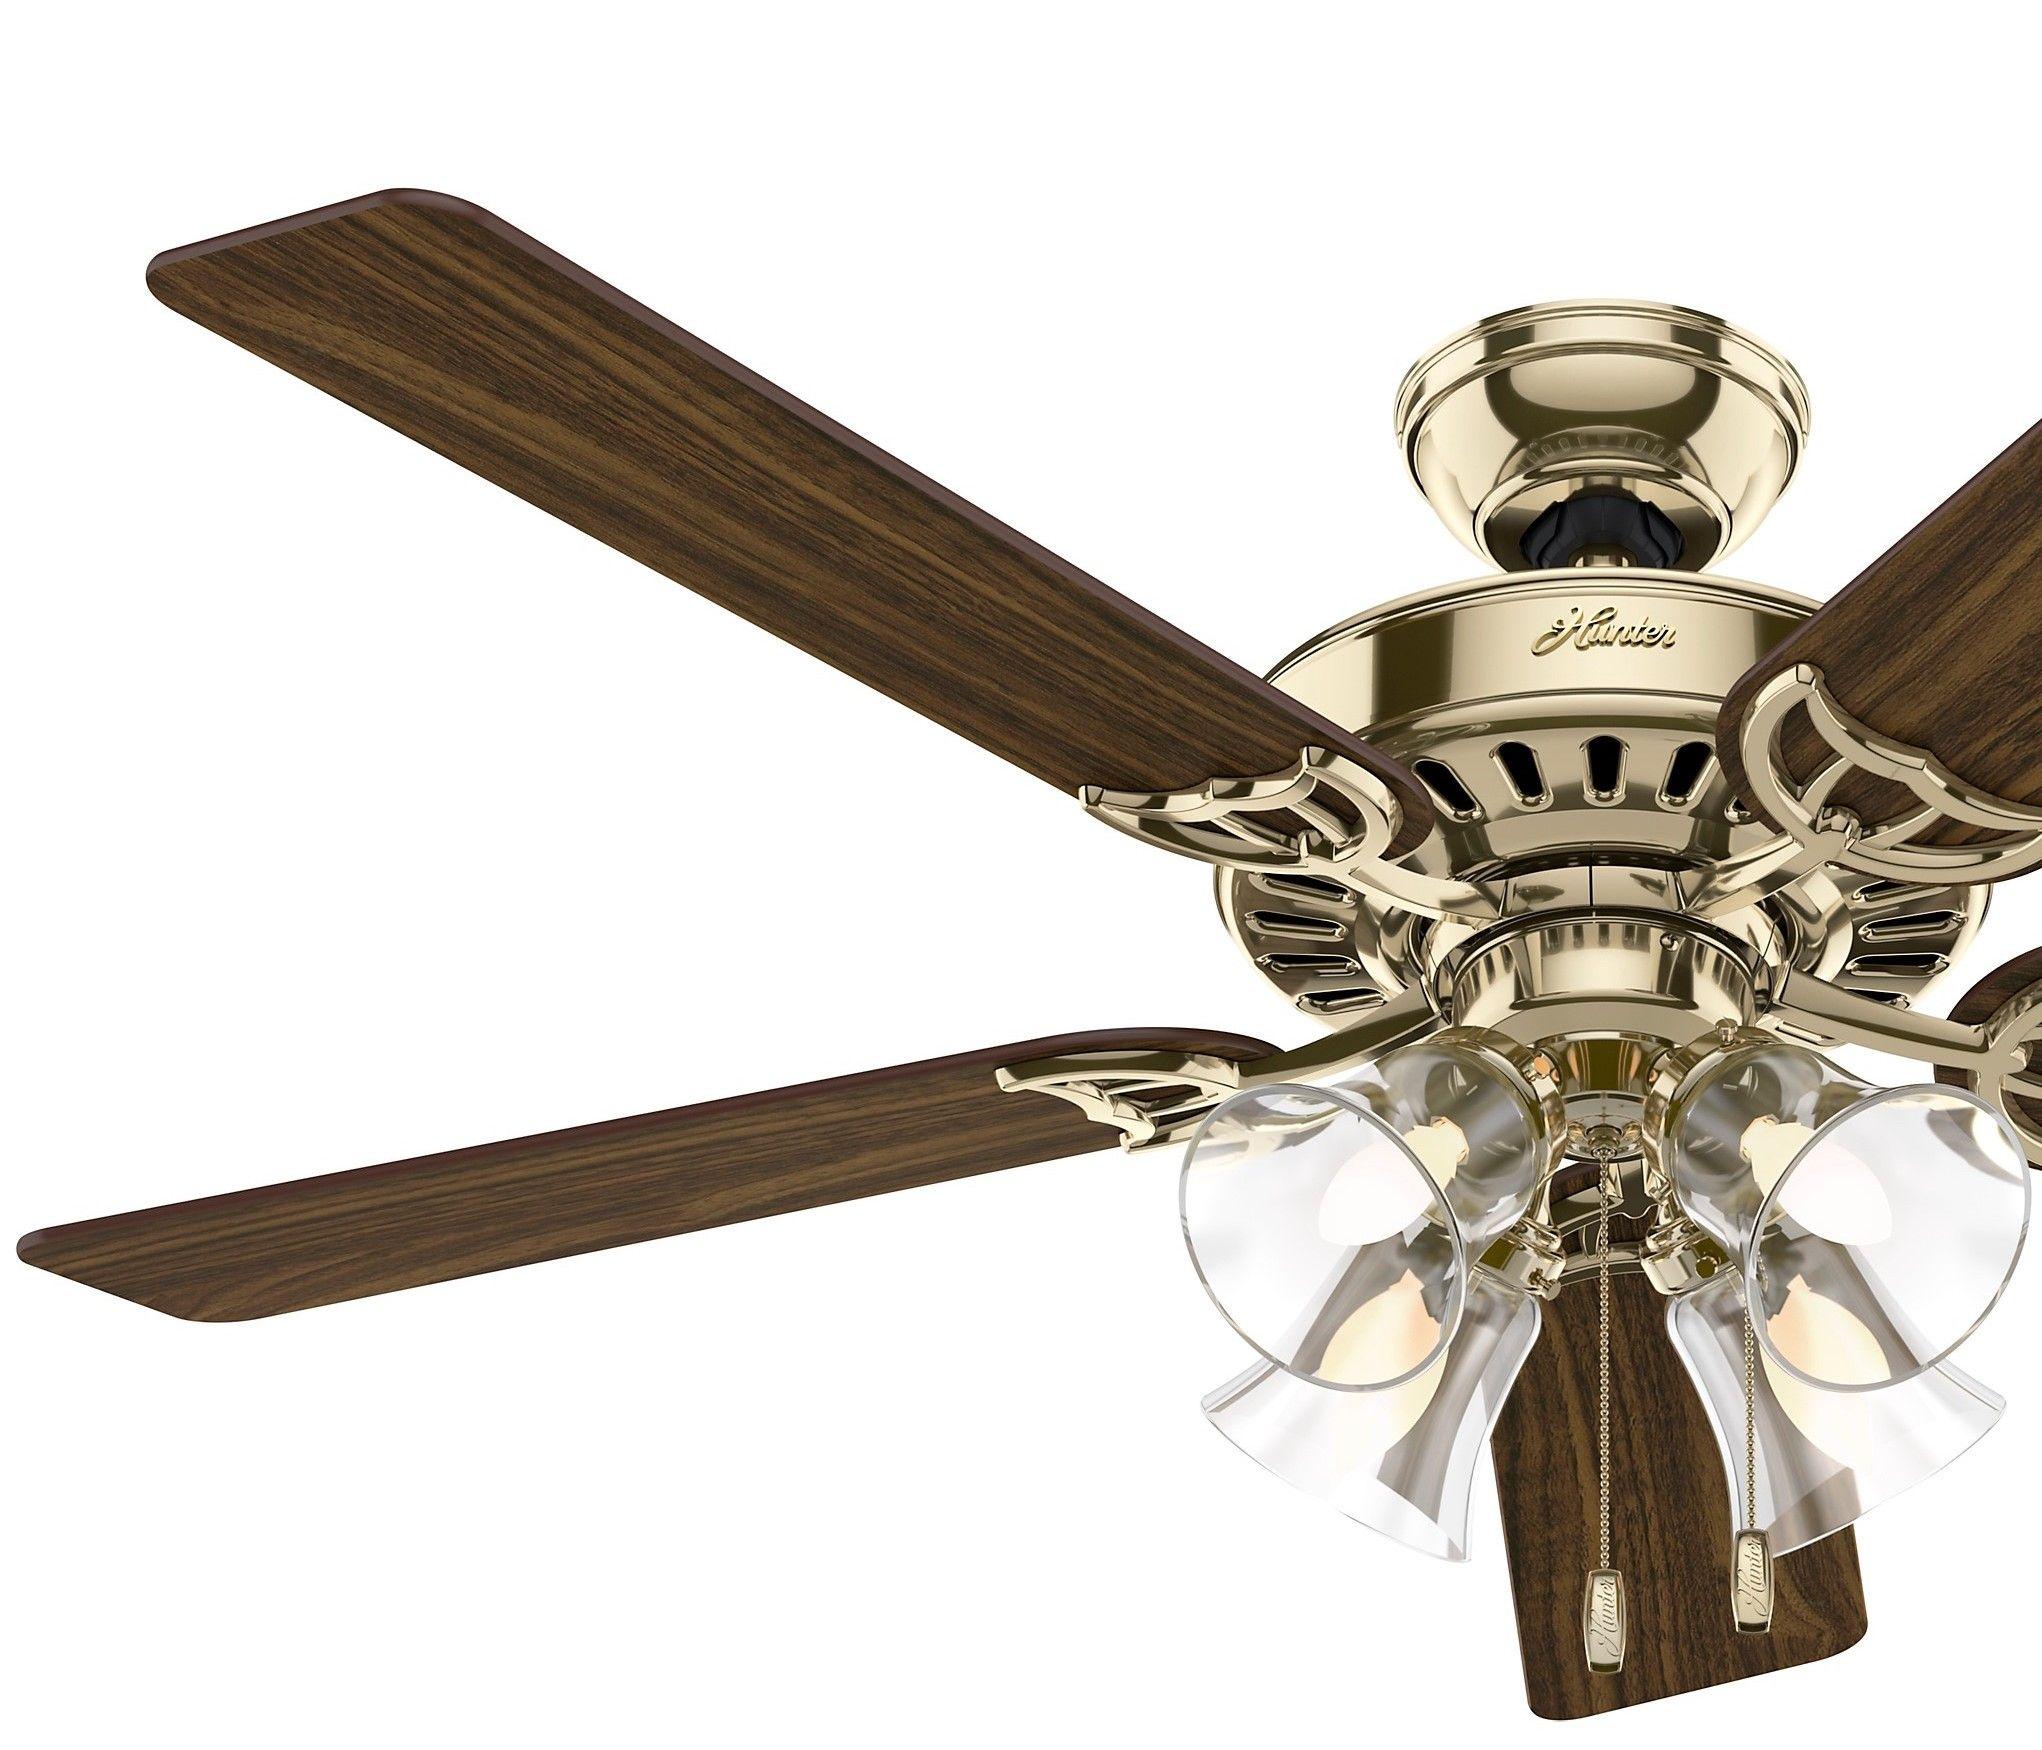 米国ハンターシーリングファン 日本正規輸入品販売ハンターストア ファン サーキュレーター 扇風機